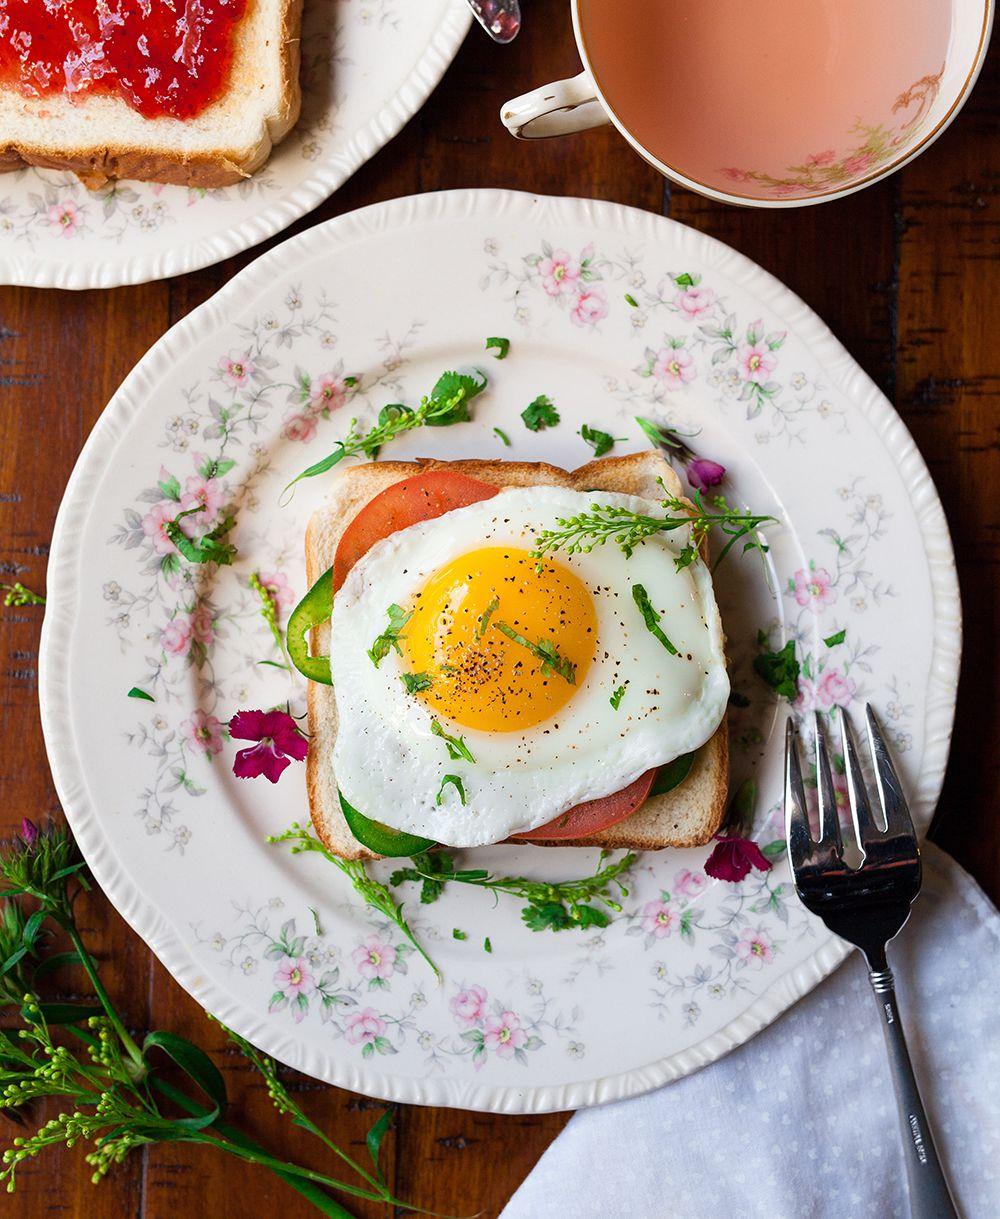 品川で朝食!美味しいモーニングが食べられるおすすめの人気店は?